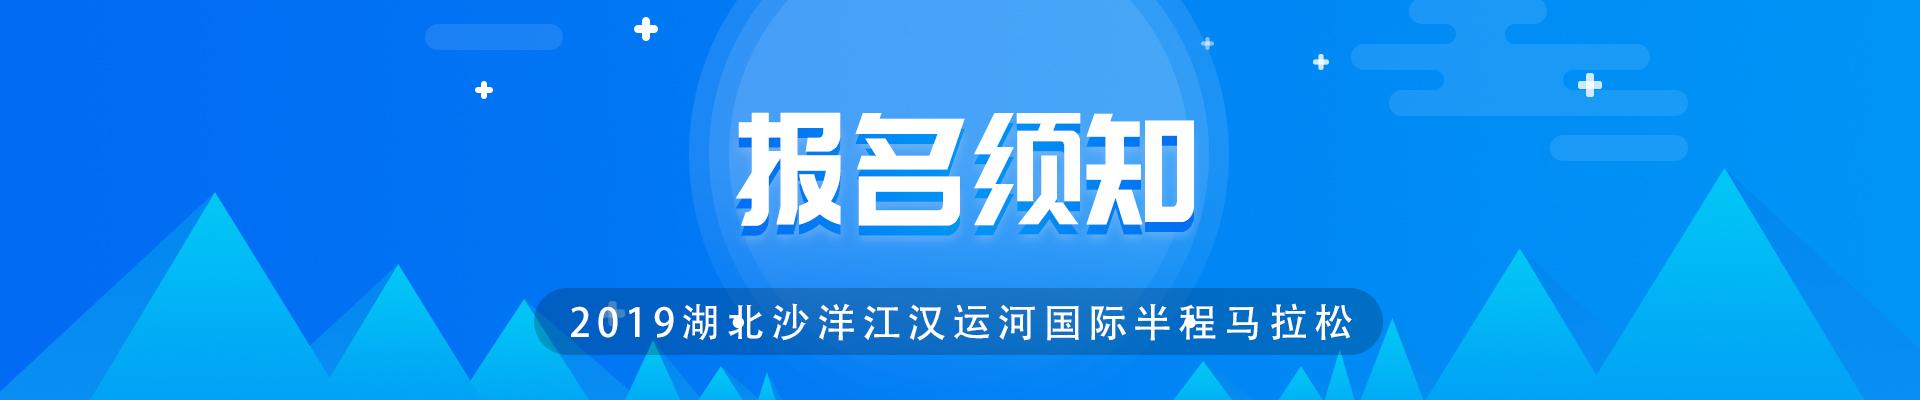 报名须知banner.jpg